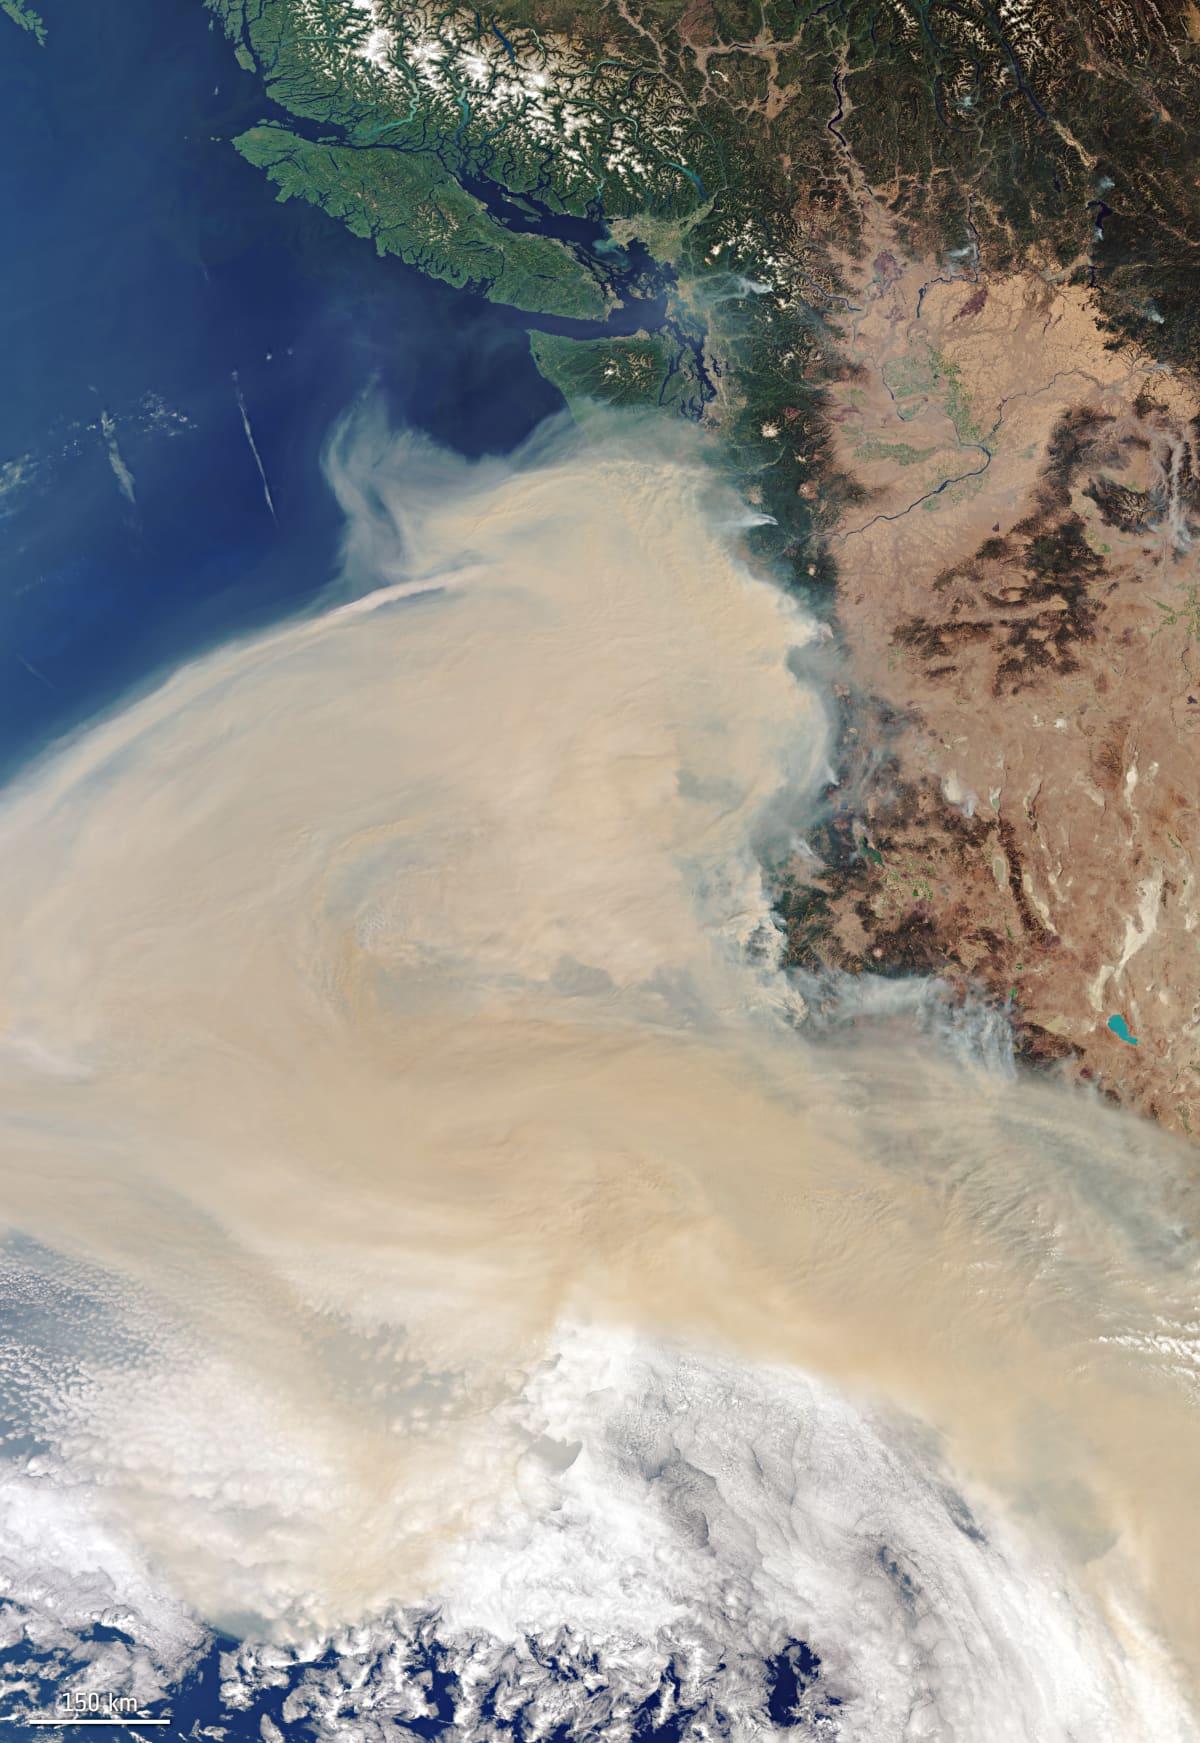 Euroopan avaruusjärjestön ESA:n viime torstaina ottama satelliittikuva Yhdysvaltain länsirannikolla olevasta savukerrostumasta. Tuolloin kuvan yläreunassa näkyvä Seattle sekä Kanadan Vancouverin alue olivat vielä selkeän ilman aluetta. Nyt riskiryhmiä kehotetaan pysymään Vancouverissakin sisätiloissa savun takia.